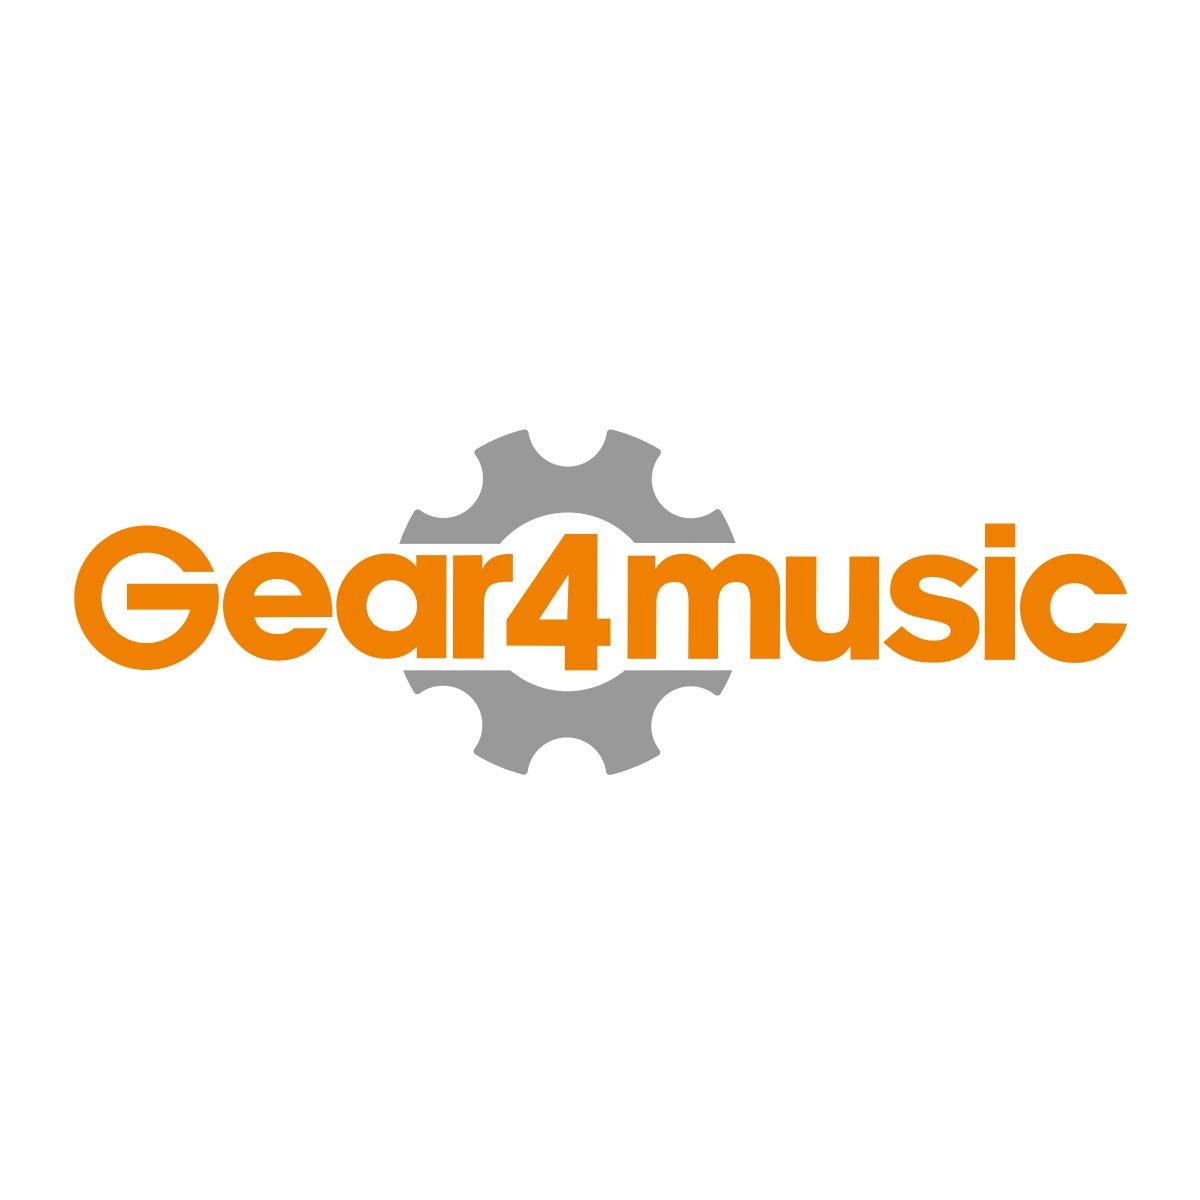 15W električna kitara Ojačevalec z Gear4music - odprta škatla